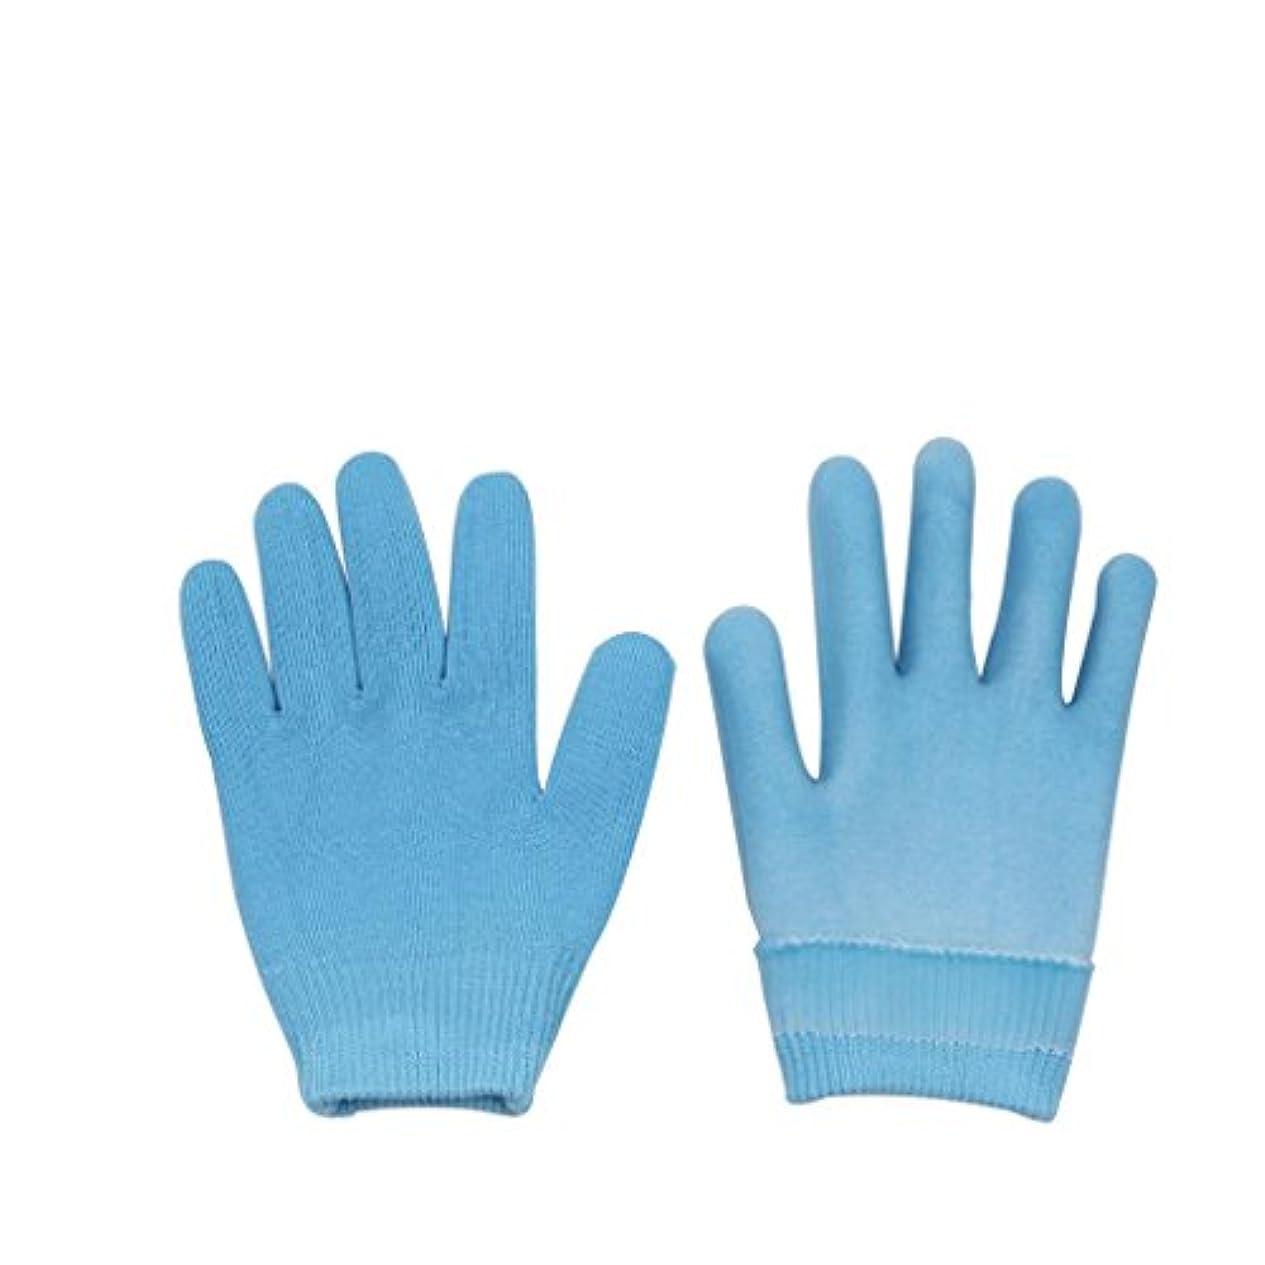 オピエートから聞くおんどりLovoski 保湿手袋 おやすみ手袋 手袋 手湿疹 乾燥防止 手荒れ 保湿 スキンケア  メンズ レディース 全3色選べ - ブルー